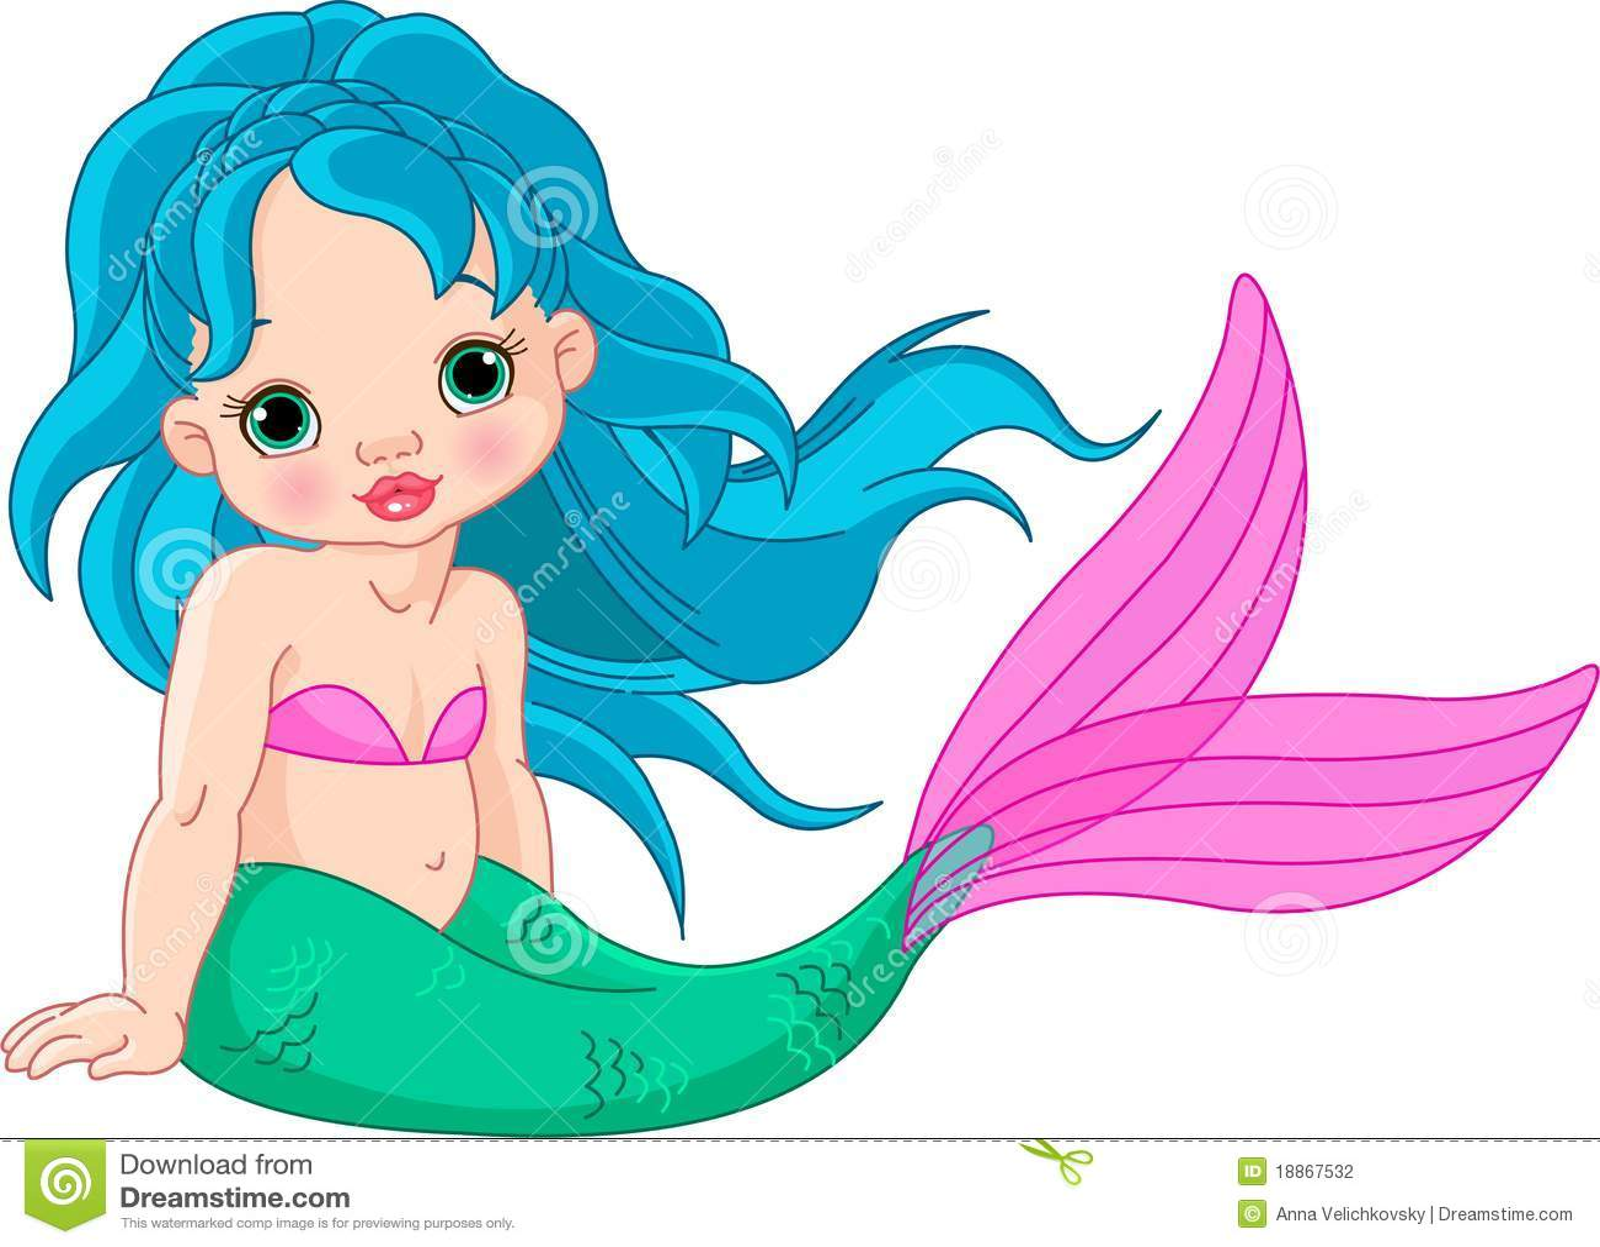 Gallery For gt Cute Baby Mermaid Cartoon